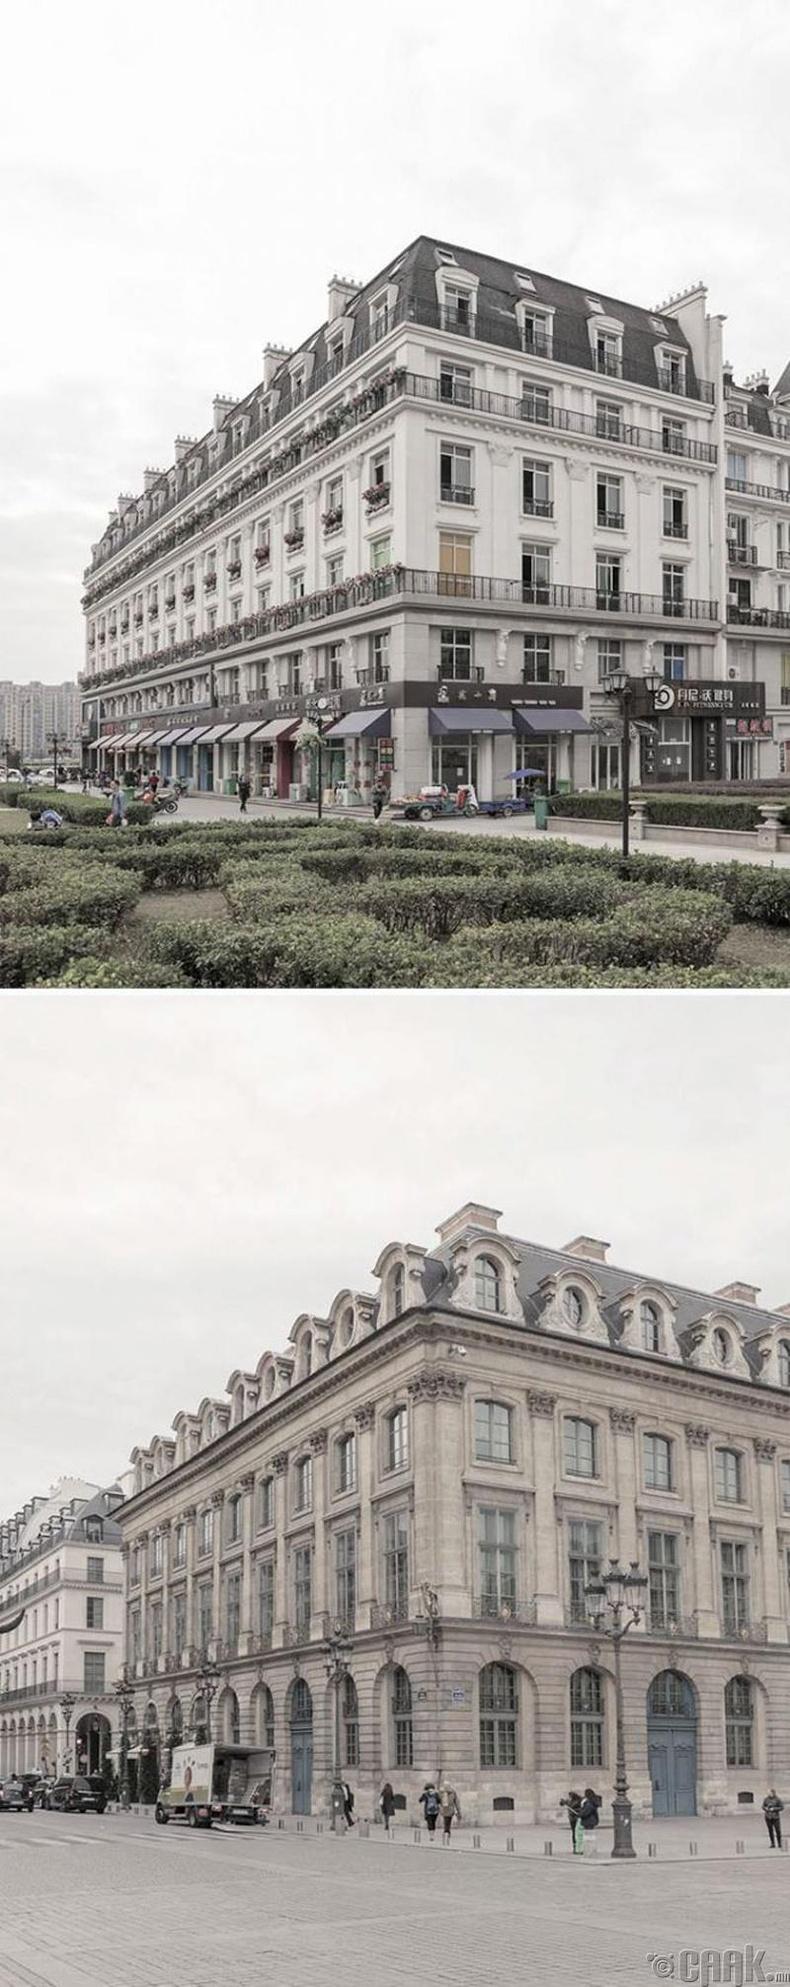 Хятадууд харин ногоон байгууламжийг Парисаас илүү бий болгожээ